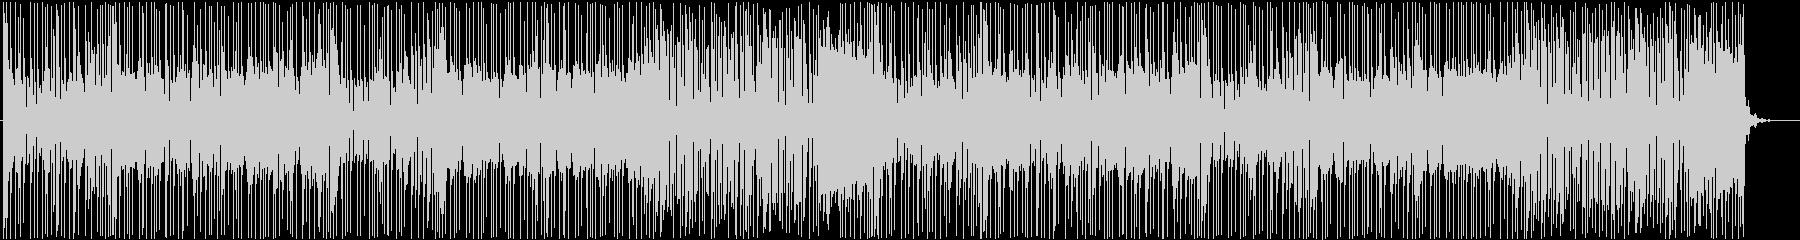 ポップなカートレースBGM01の未再生の波形